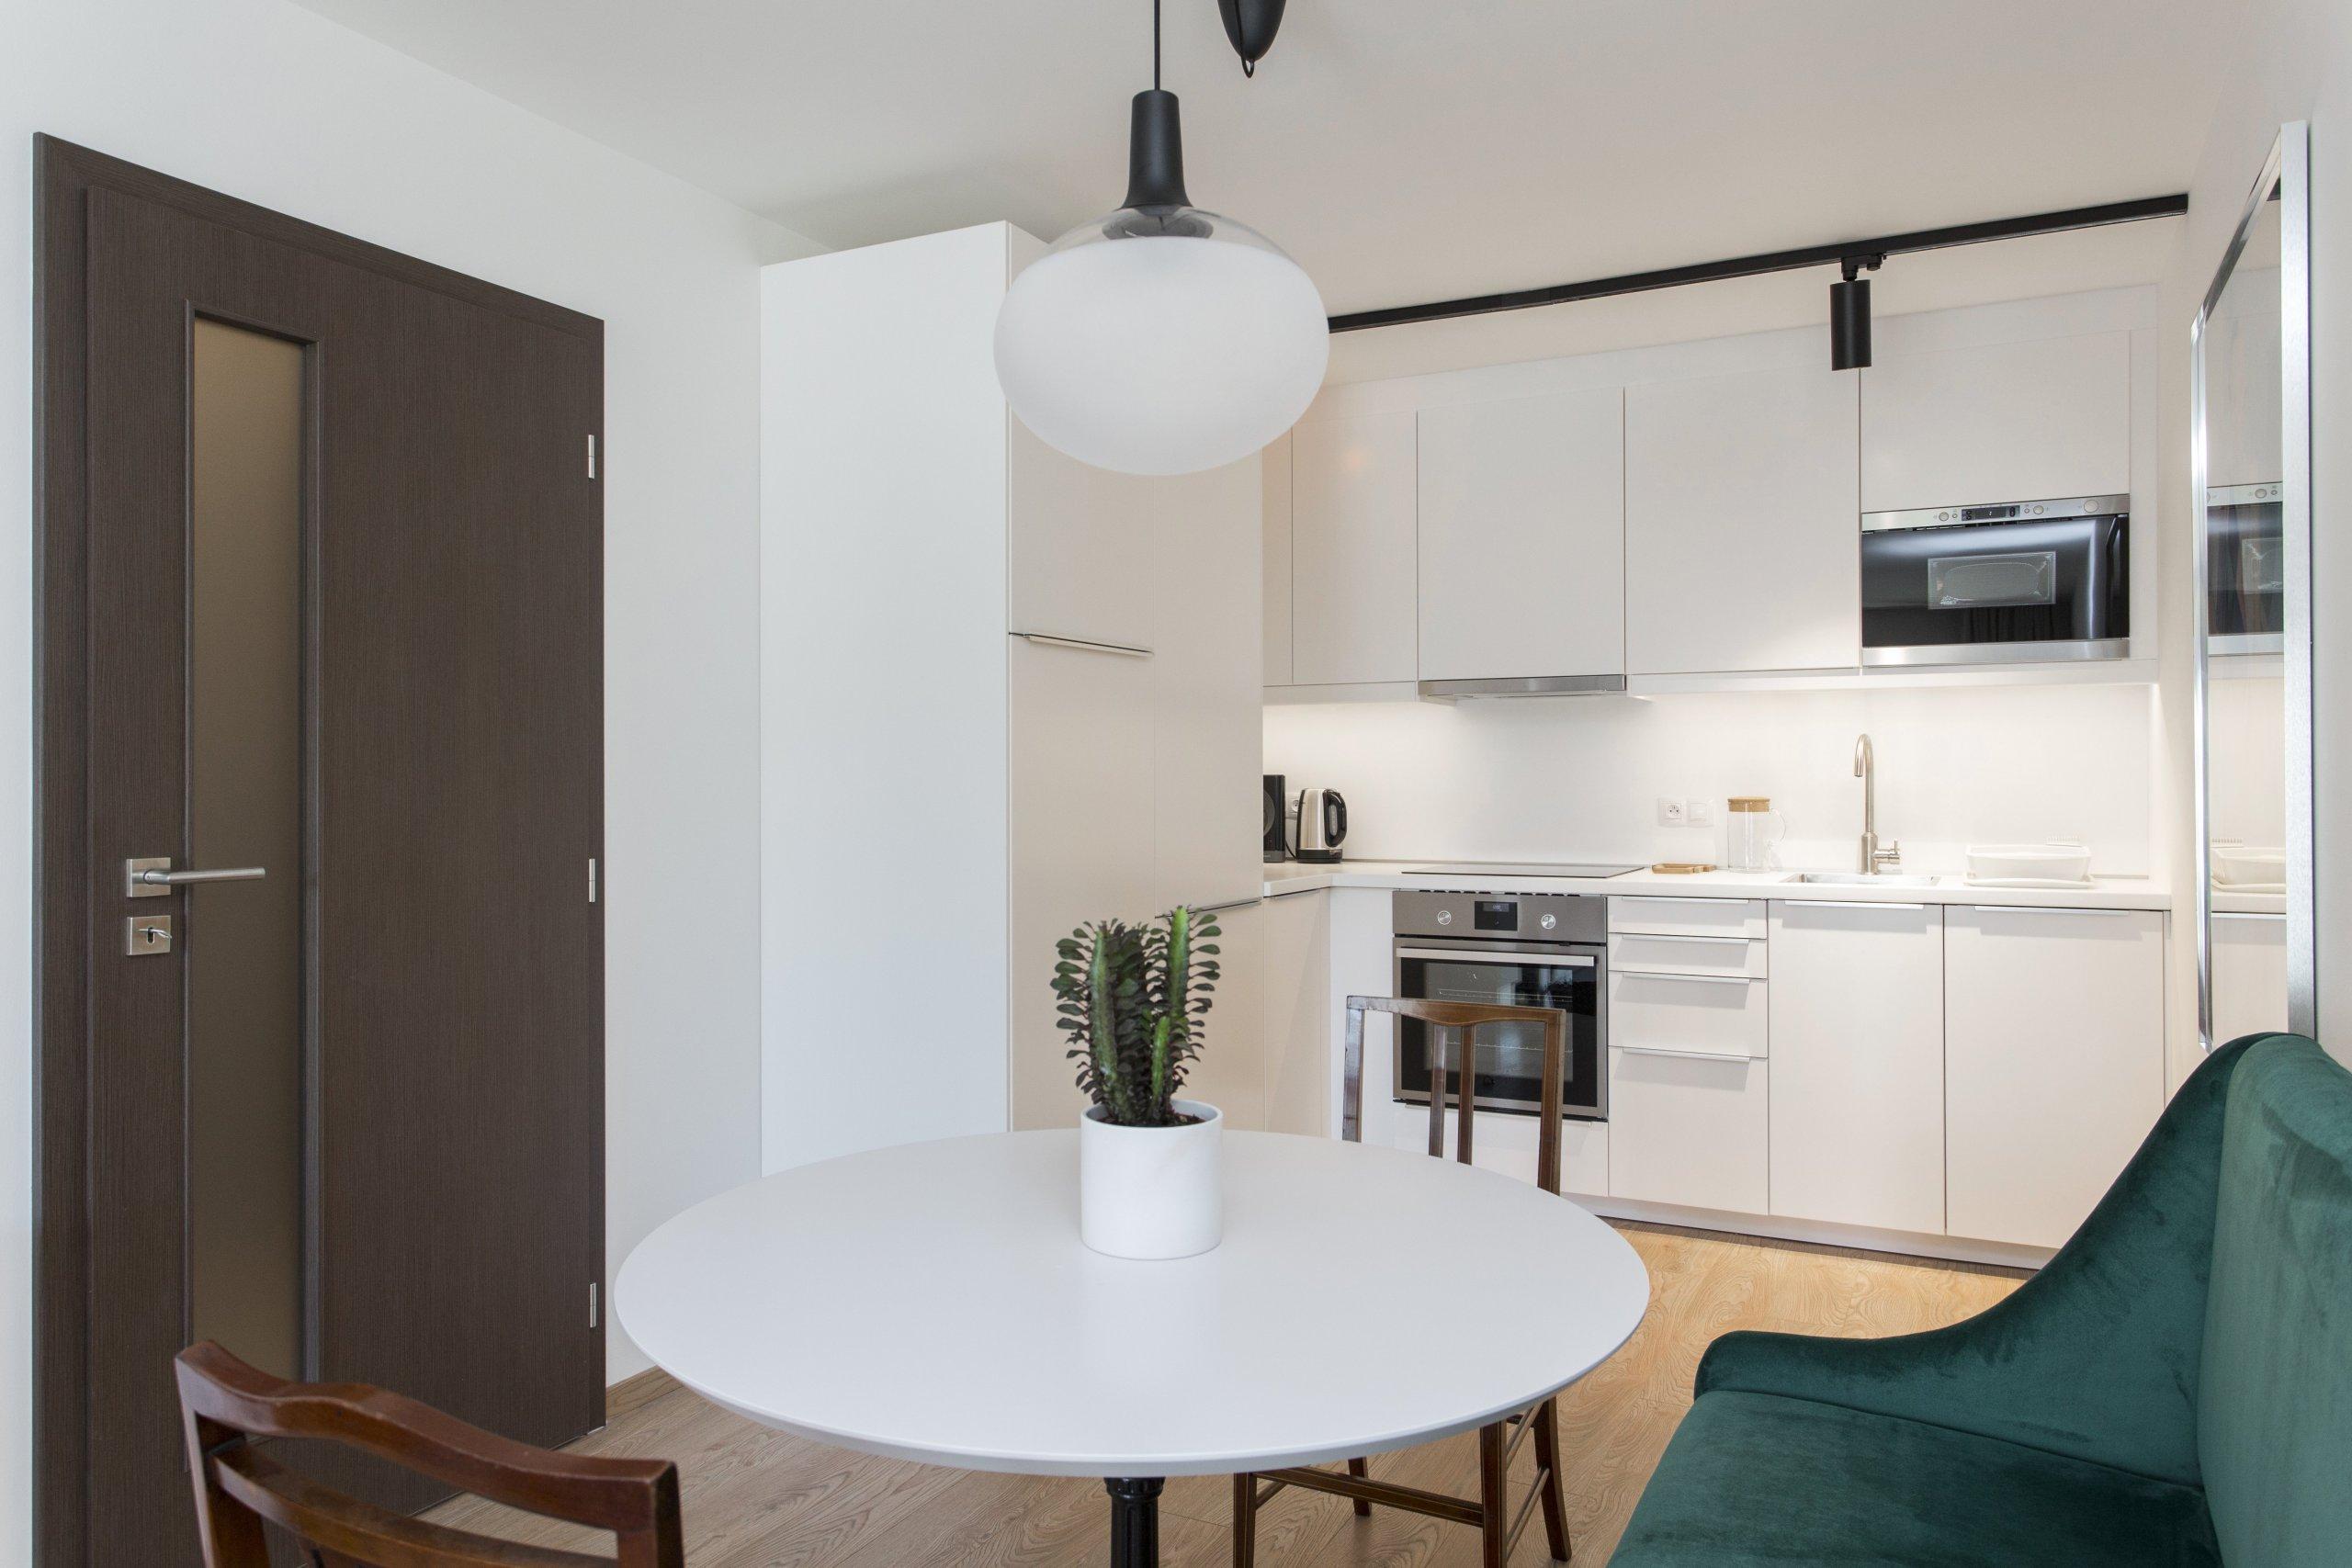 Návrh bytu 2+kk v pražské novostavbě byl ovlivněn jedinečným českým stylem - kubismem. Stěny bytu jsou zdobeny reprodukcemi kubistických umělců a ze stejného…